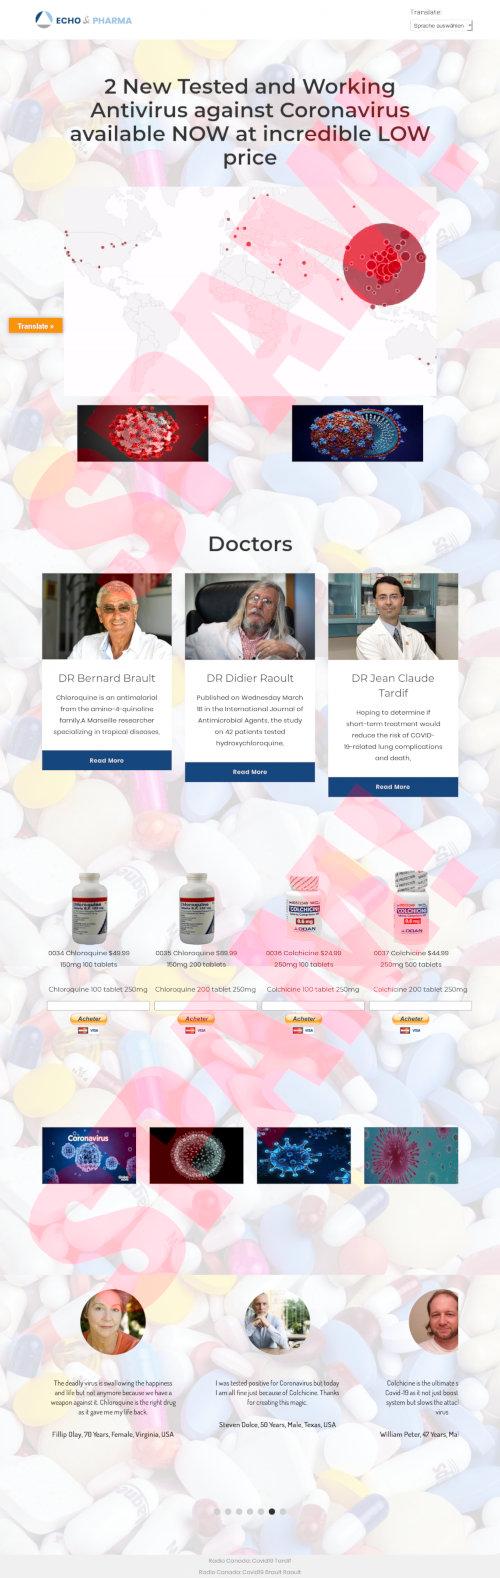 Screenshot der quacksalberischen, betrügerischen und lebensgefährlichen Website, auf der Chloroquin als Heilmittel gegen Corona verkauft wird